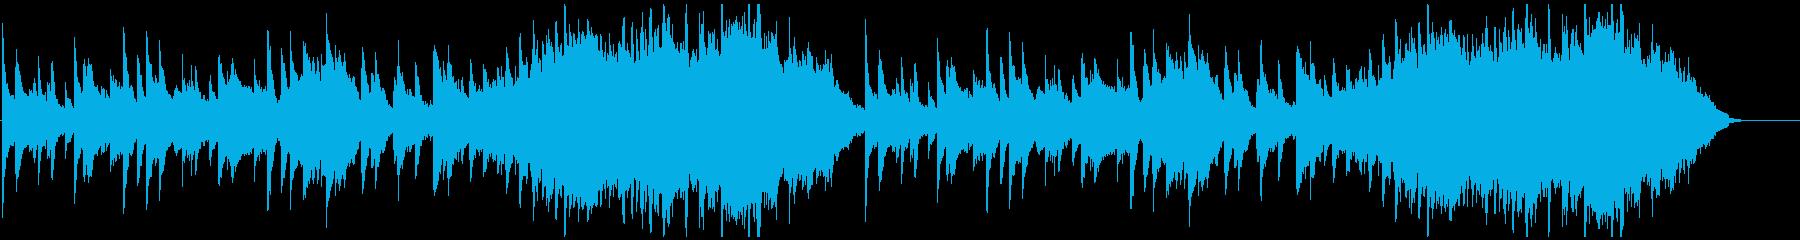 しっとり切ないピアノ、ストリングスBGMの再生済みの波形